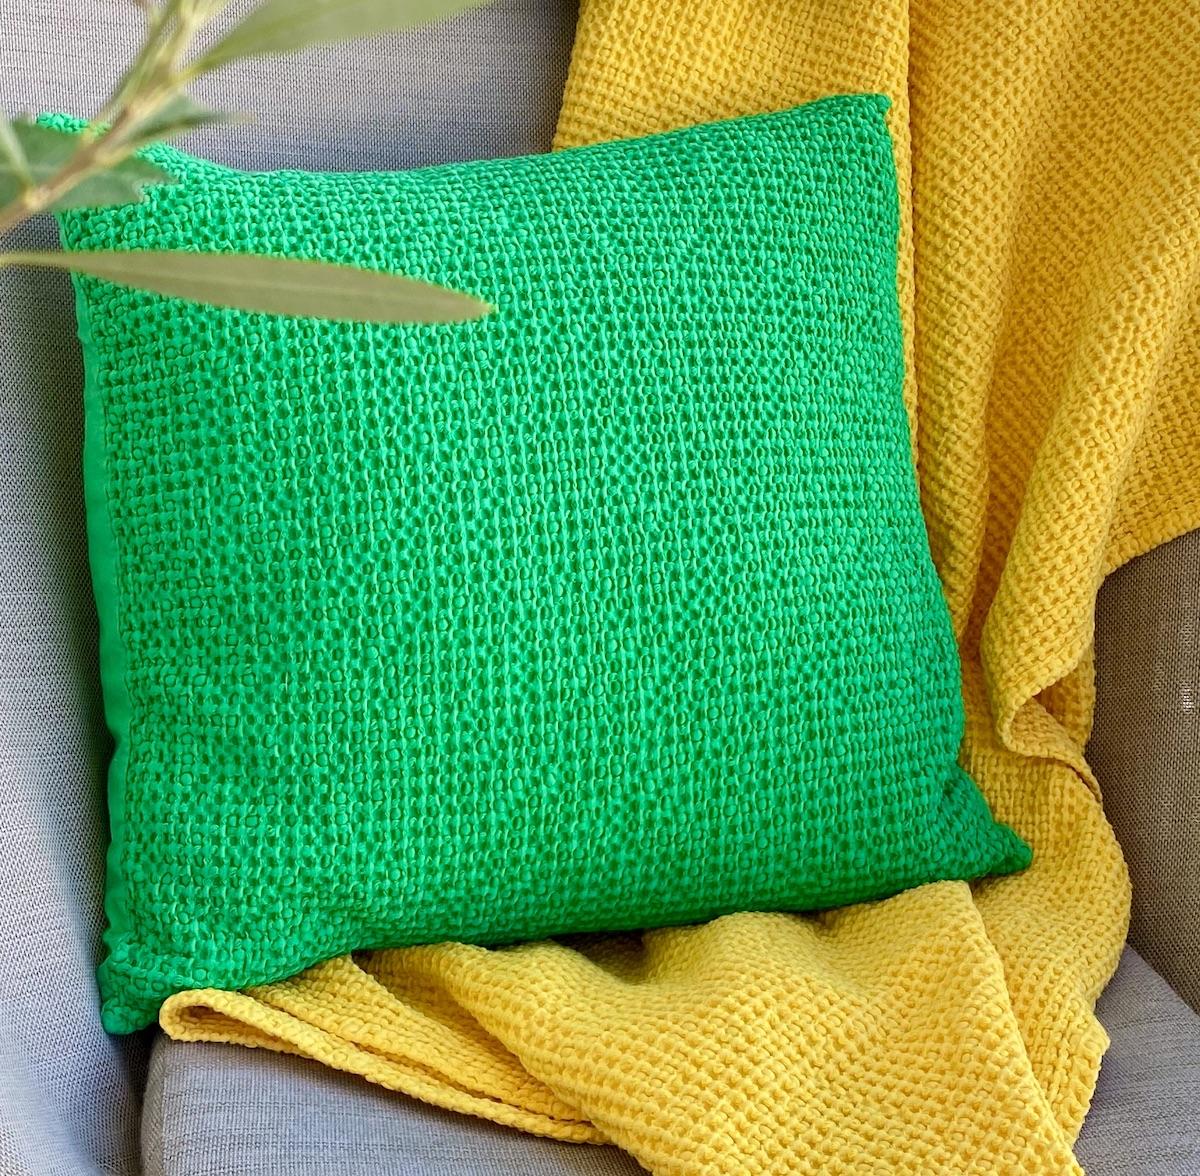 terrasse colorée textile coton extérieur nid abeille plaid coussin